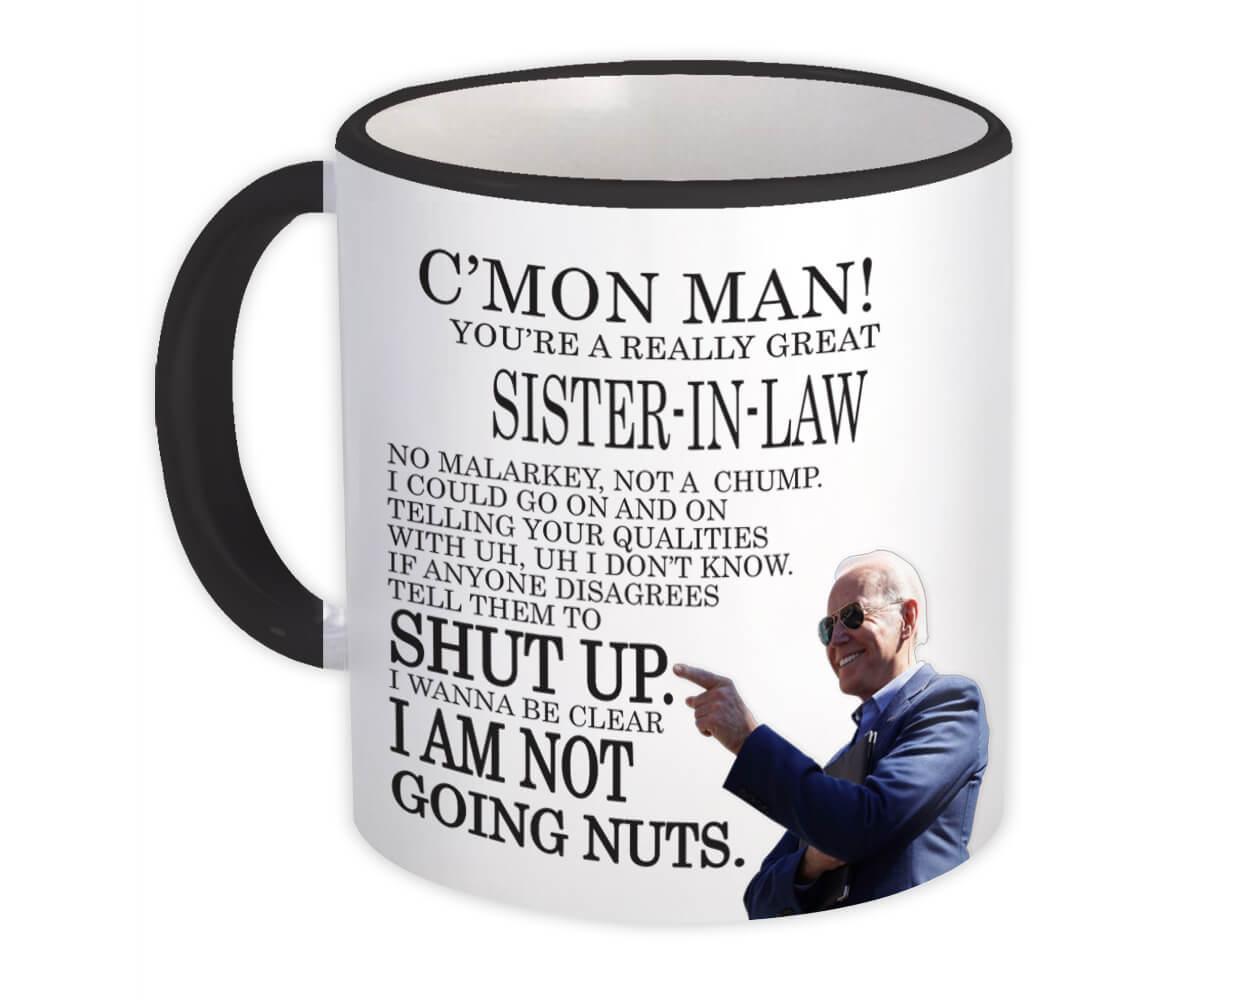 SISTER-IN-LAW Funny Biden : Gift Mug Great Gag Gift Joe Biden Humor Family Jobs Christmas Best President Birthday